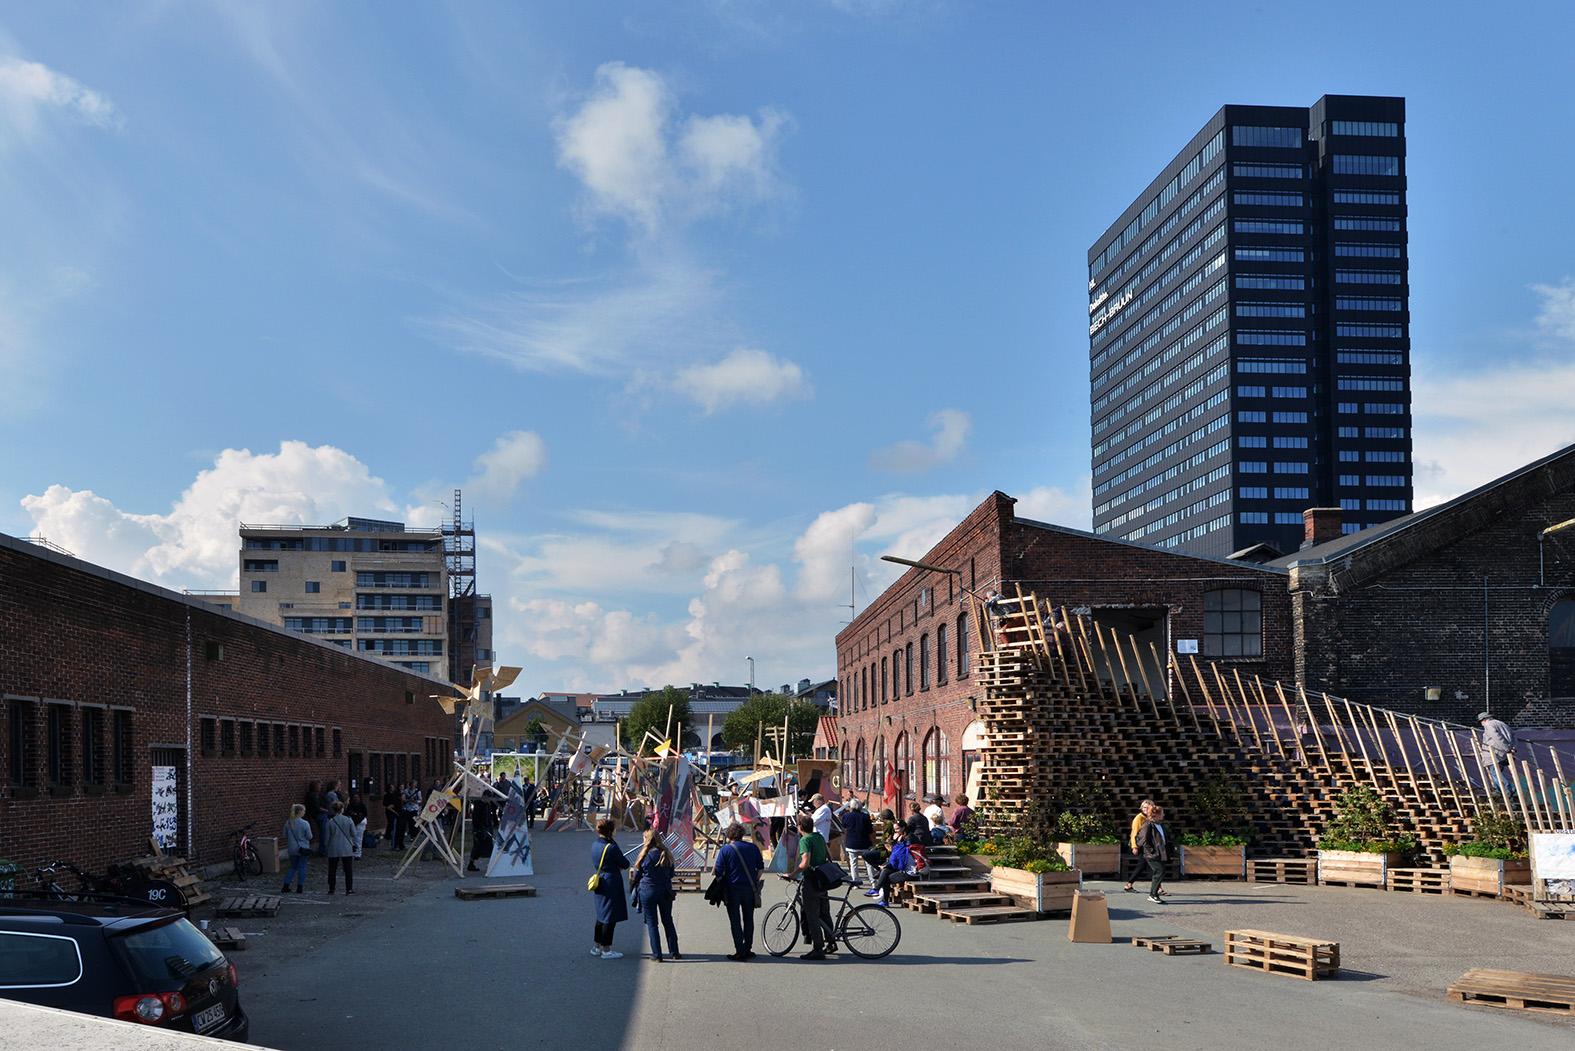 Sådan ser Sydhavnskvarteret ud i dag – Aarhus Kommune har store planer for områdets fremtid. Til højre Comwell Aarhus, det høje sorte tårn. Foto for Aarhus Kommune: Ib Sørensen.